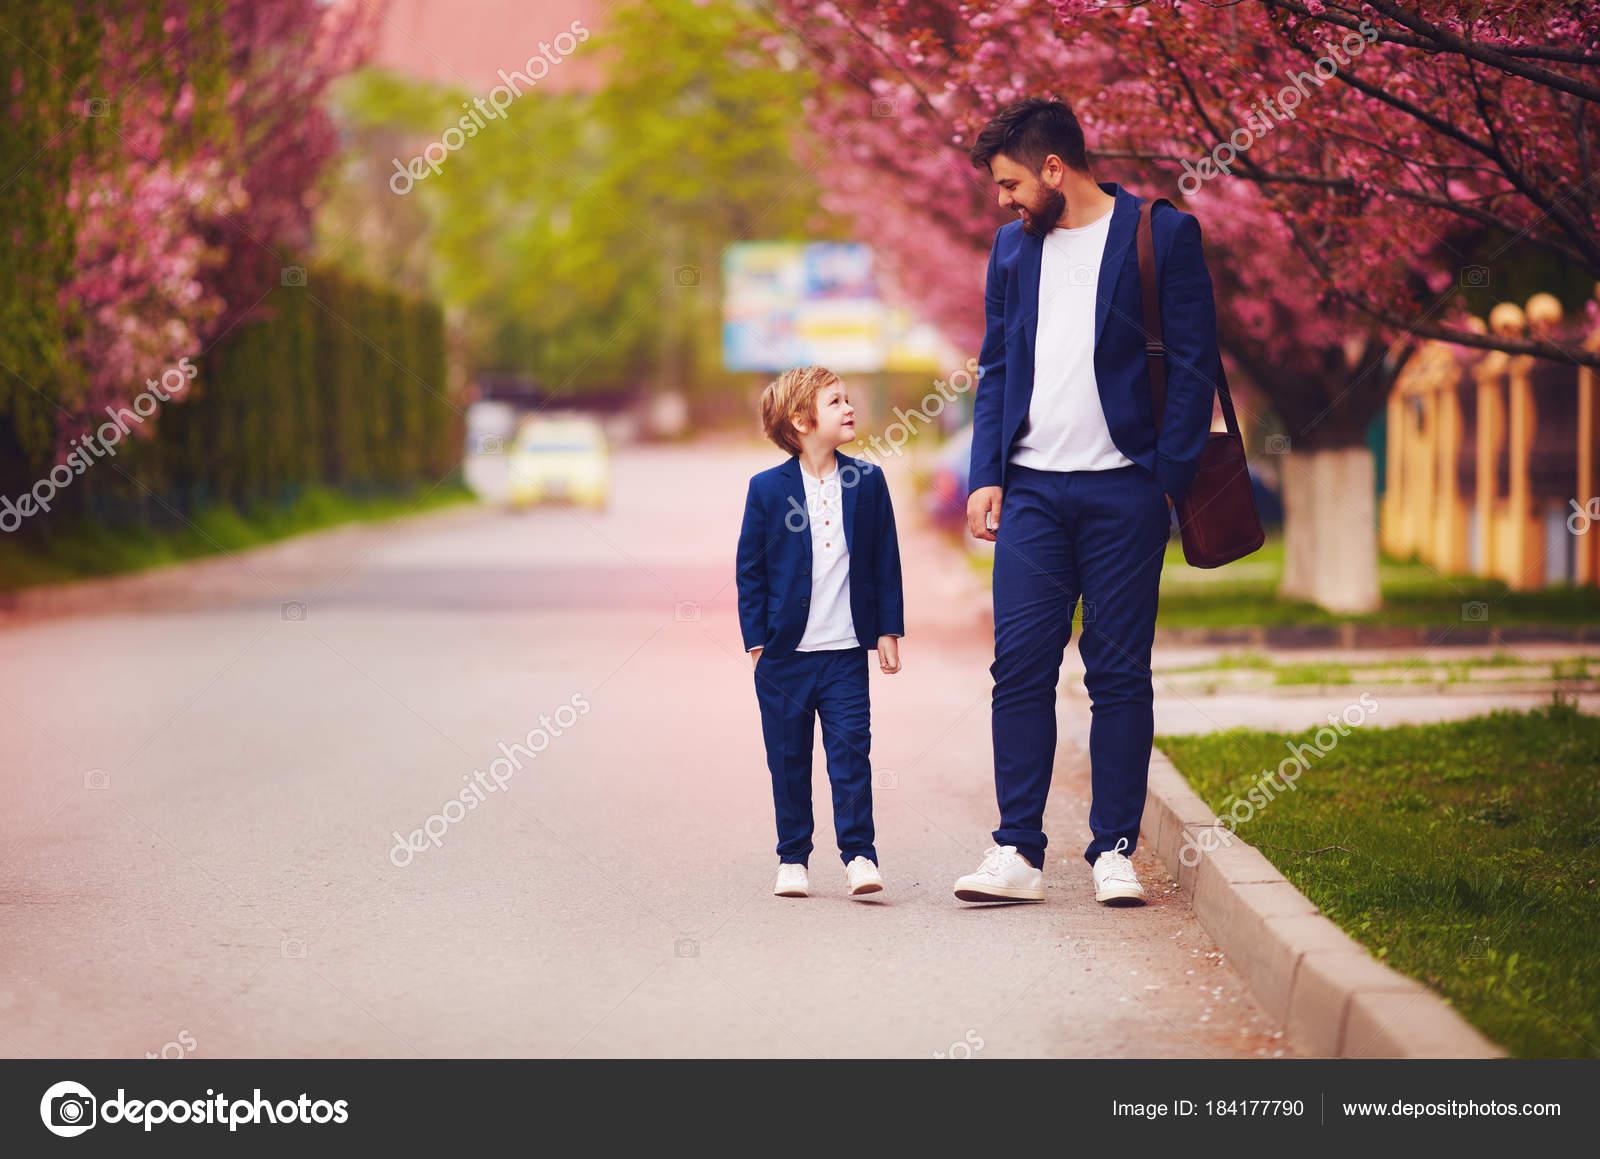 003335a2094732 Feliz pai e filho caminhando juntos florescendo Primavera ruas ...